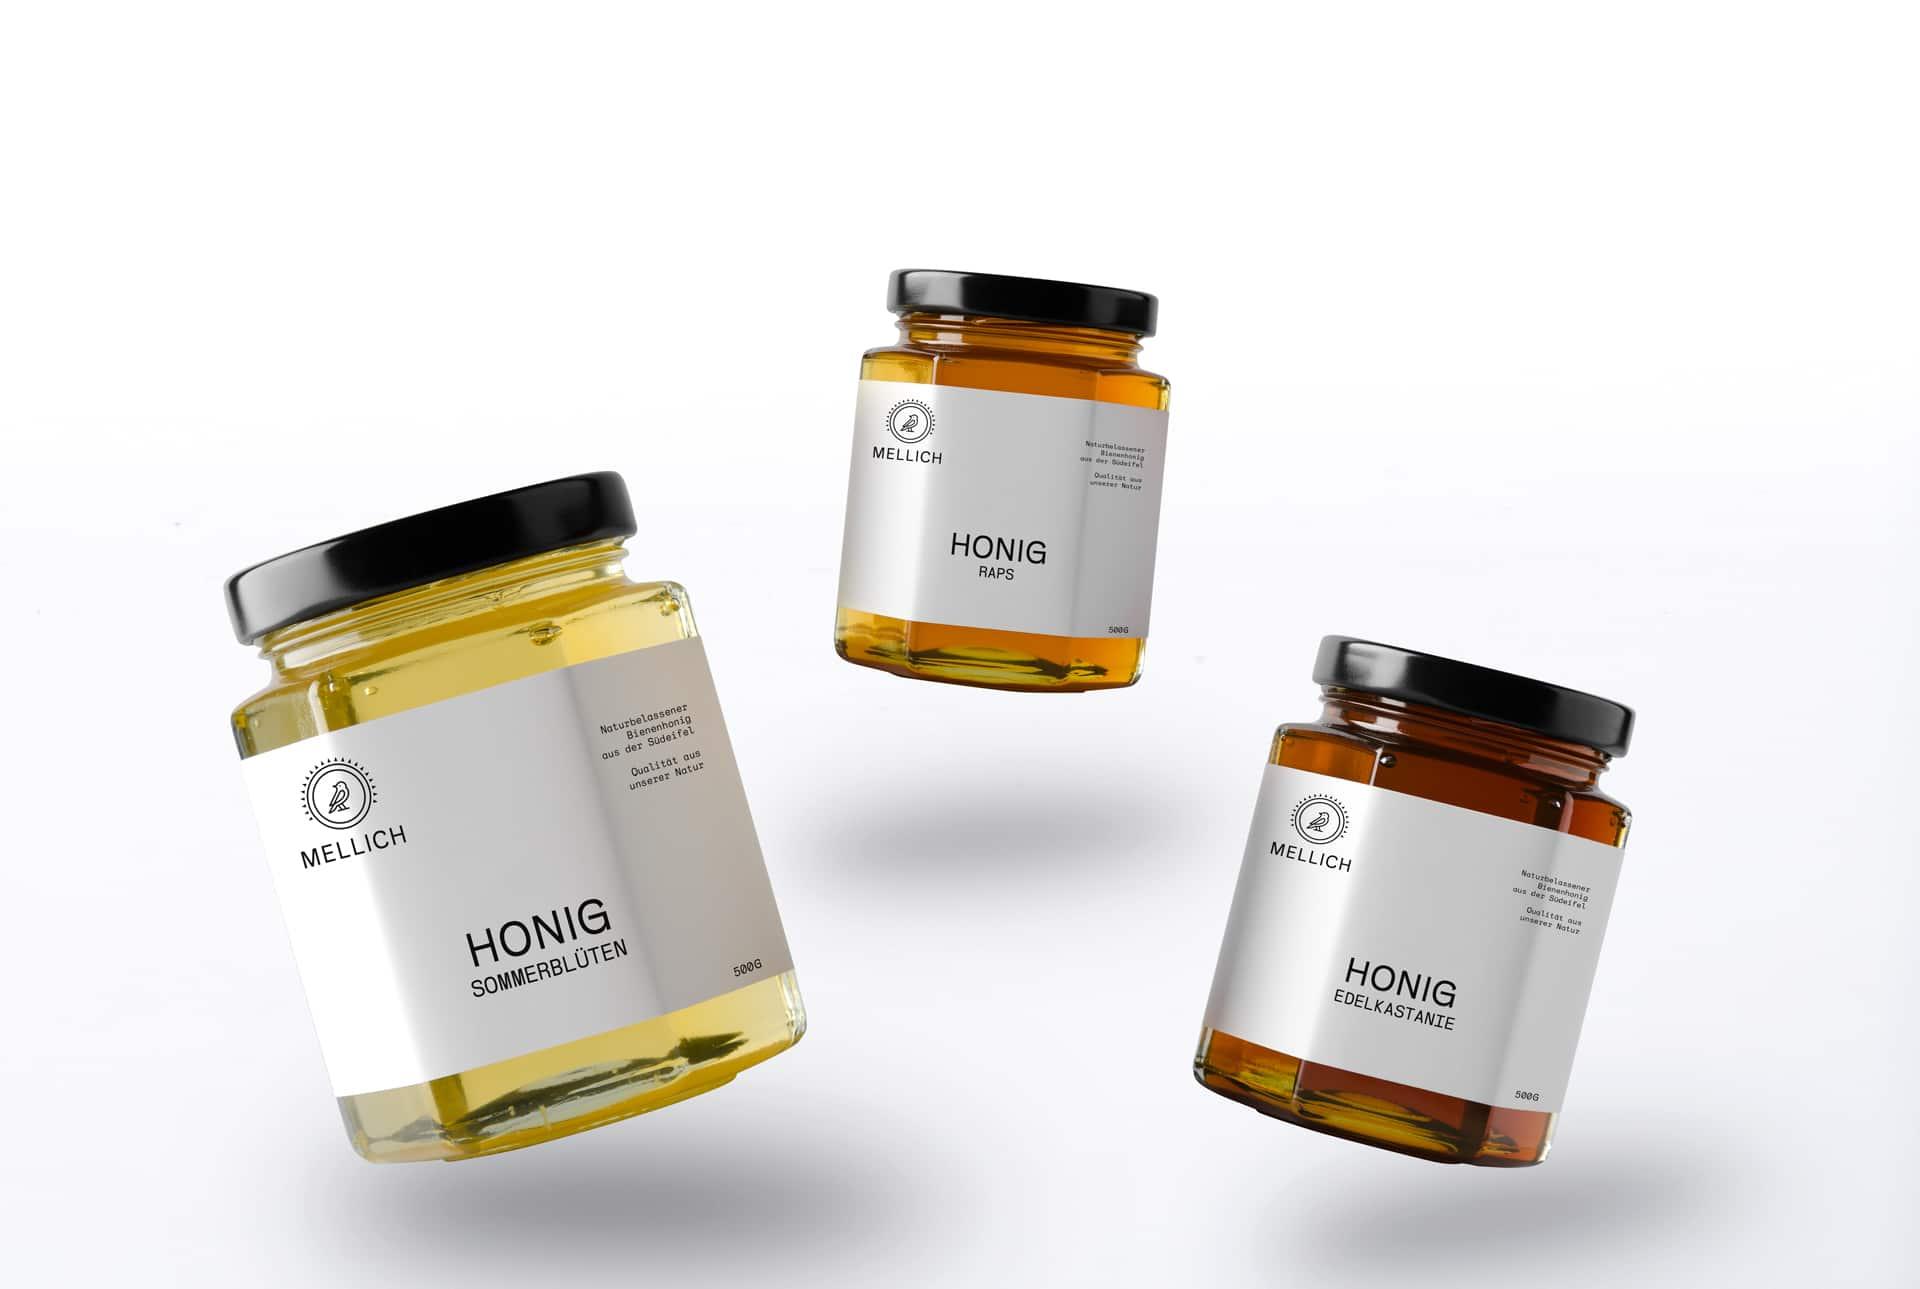 Mellich Honig Etikettendesign